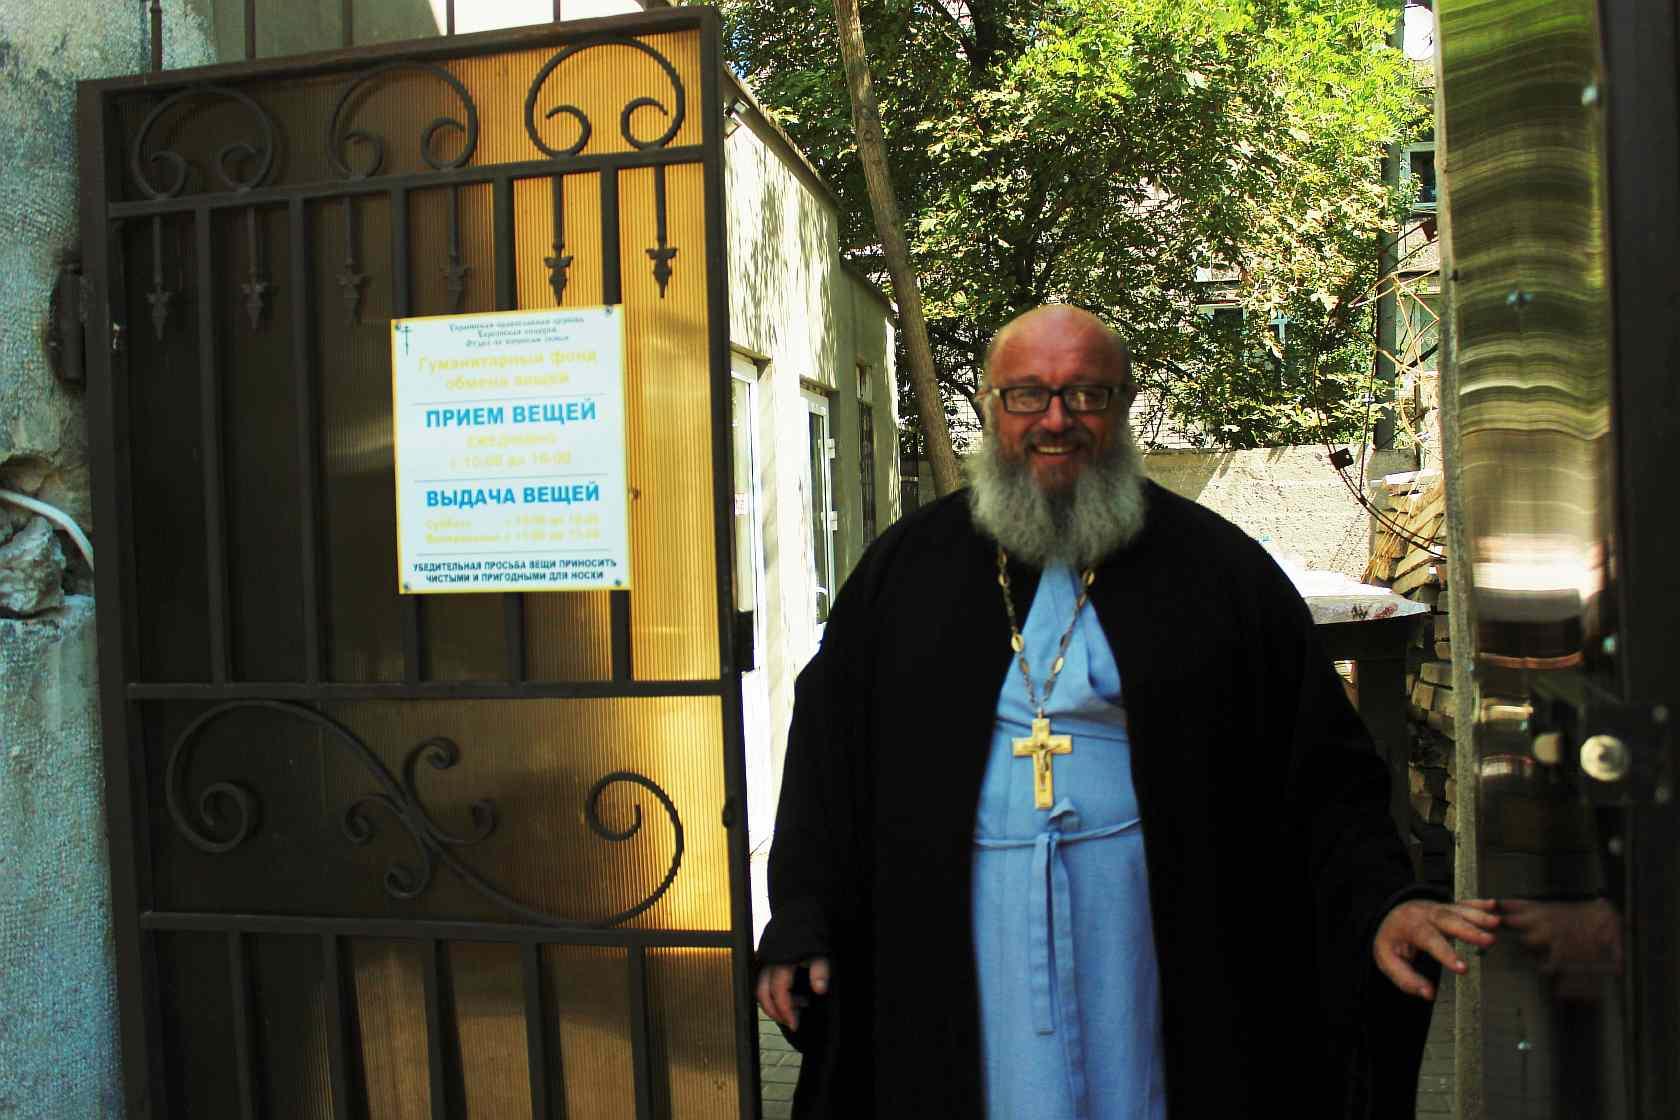 Жители Голой Пристани собрали вещи для неимущих